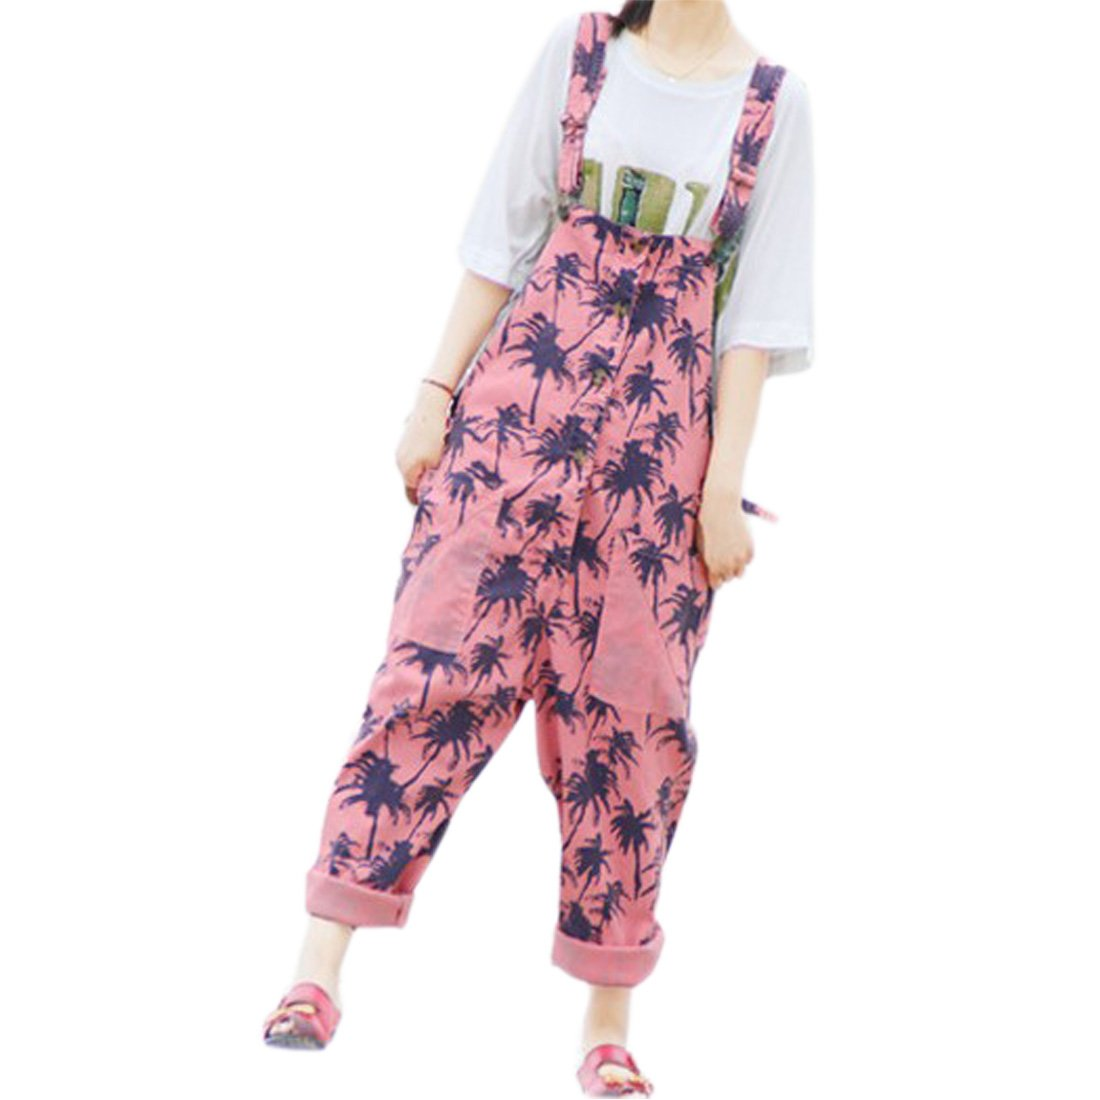 f7b5168882 Hibote Mujer Chicas Petos Largo Harem Pantalones Anchos Baggy Palazzo  Costura Casual Elegante Algodón Suelto Bolsillos